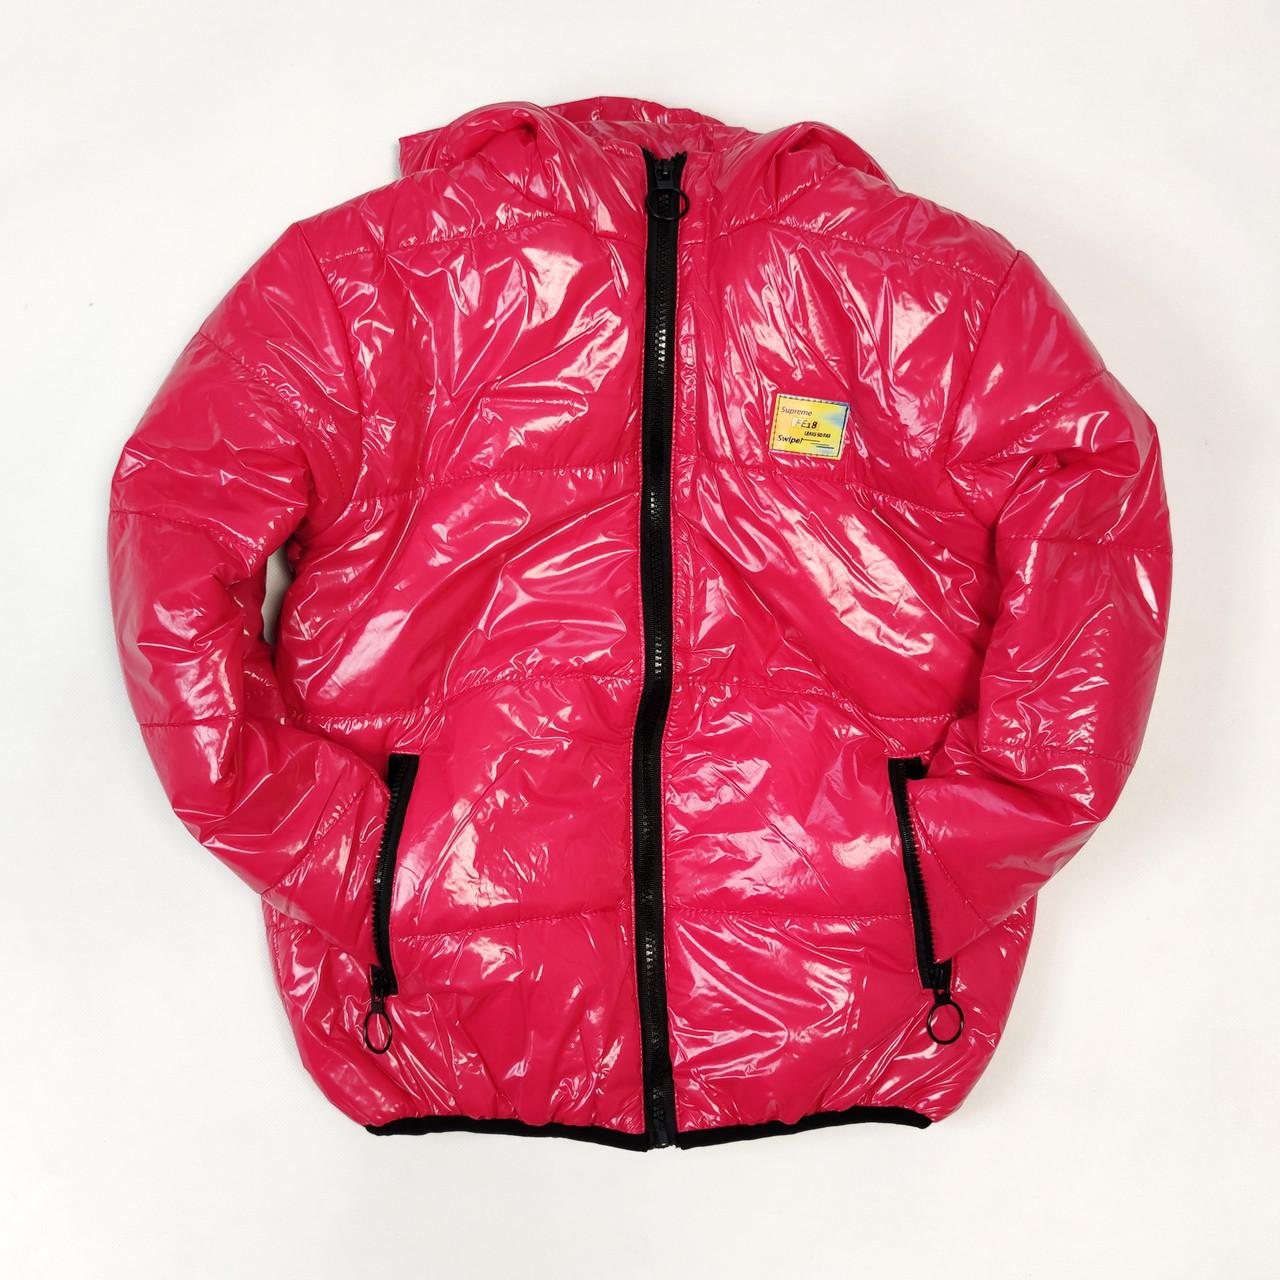 демисезонная курточка малинового цвета для девочки